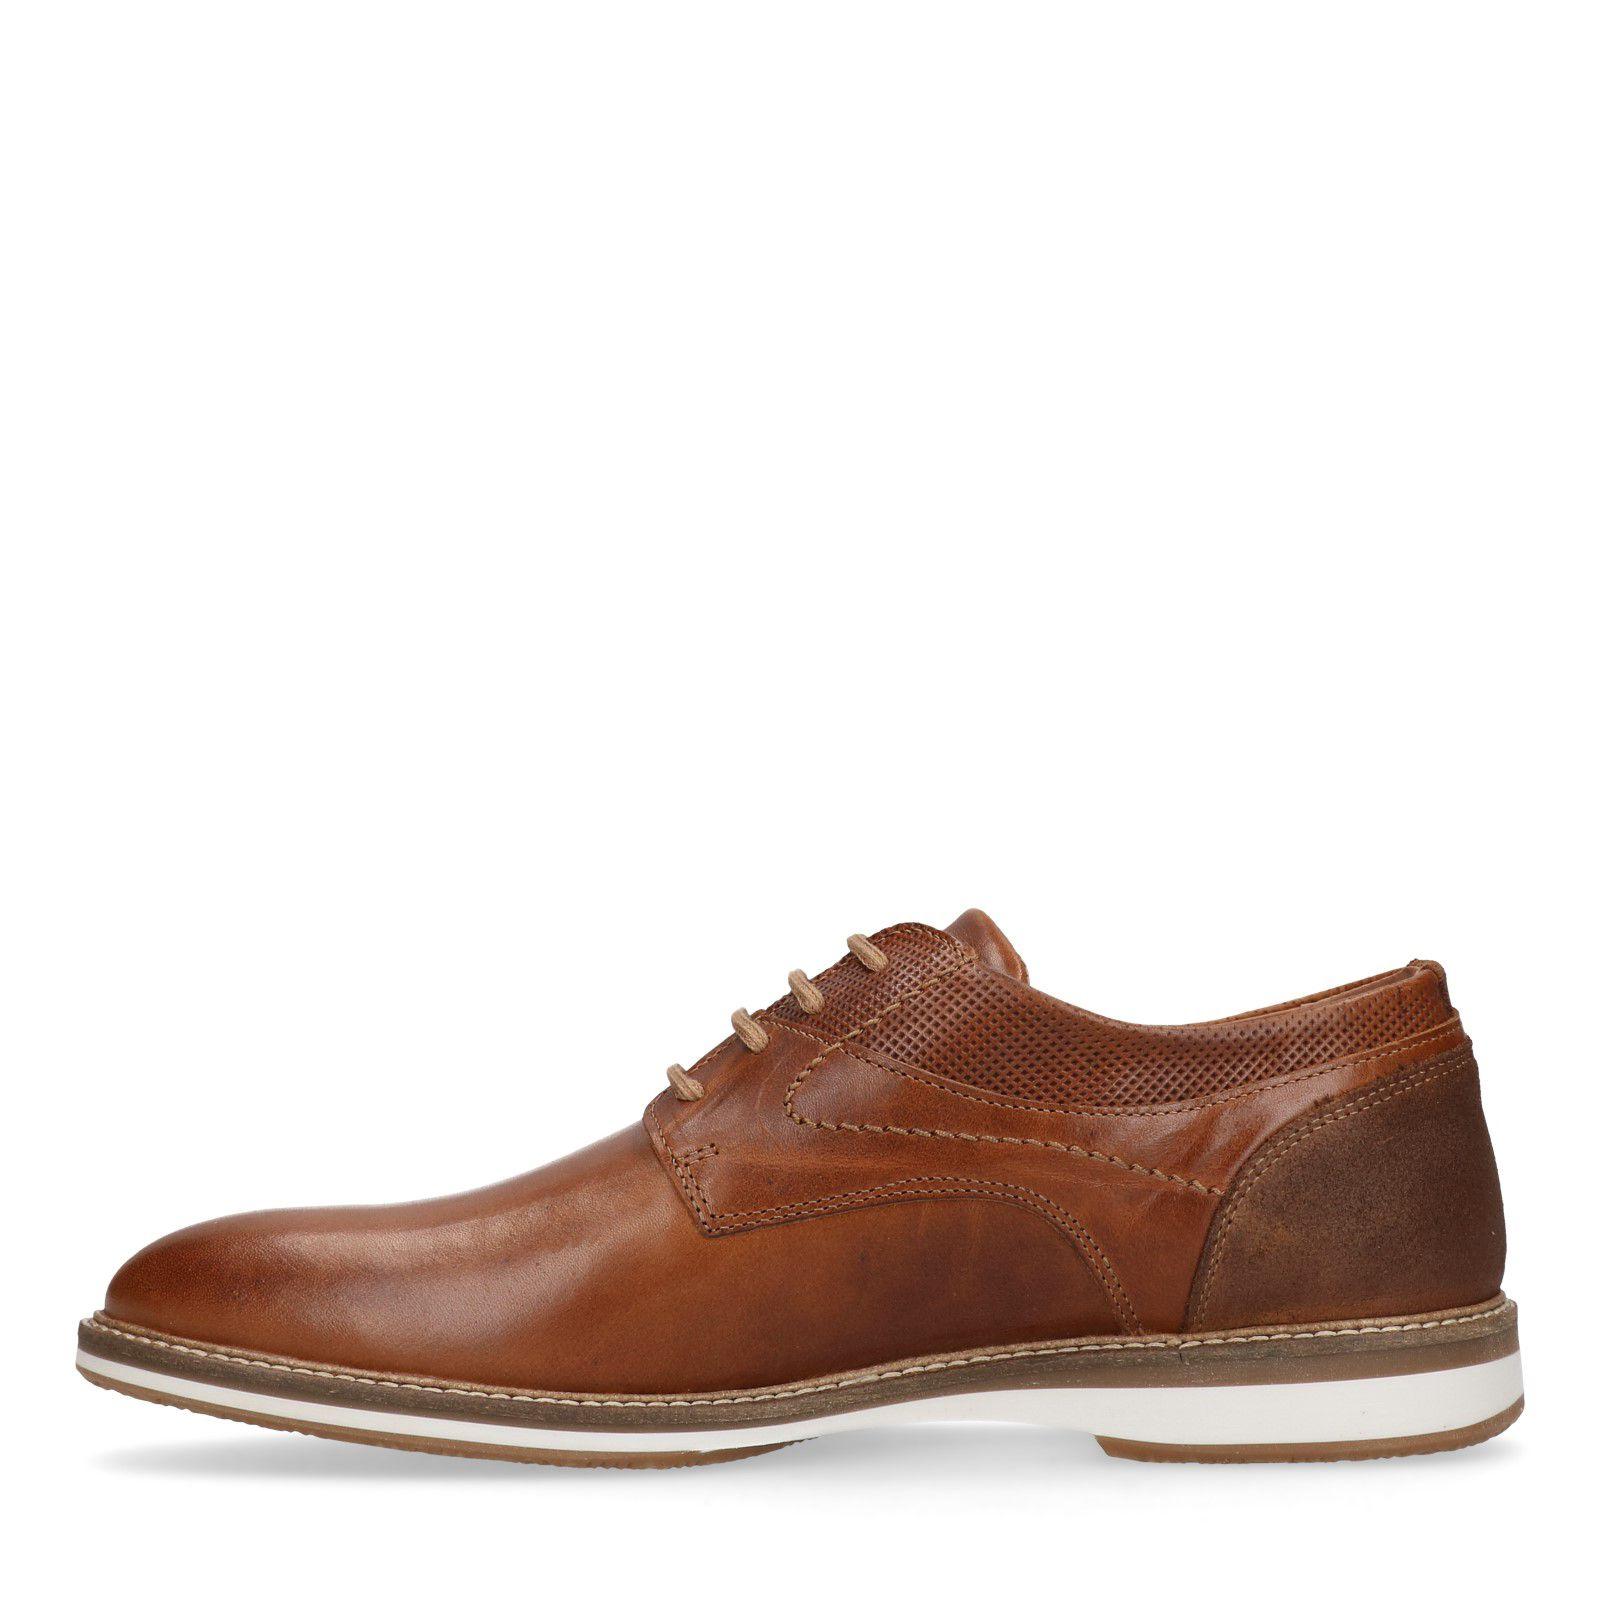 Sacha marron Chaussures semelle à avec lacets blanche en cuir QdtsBhCxr